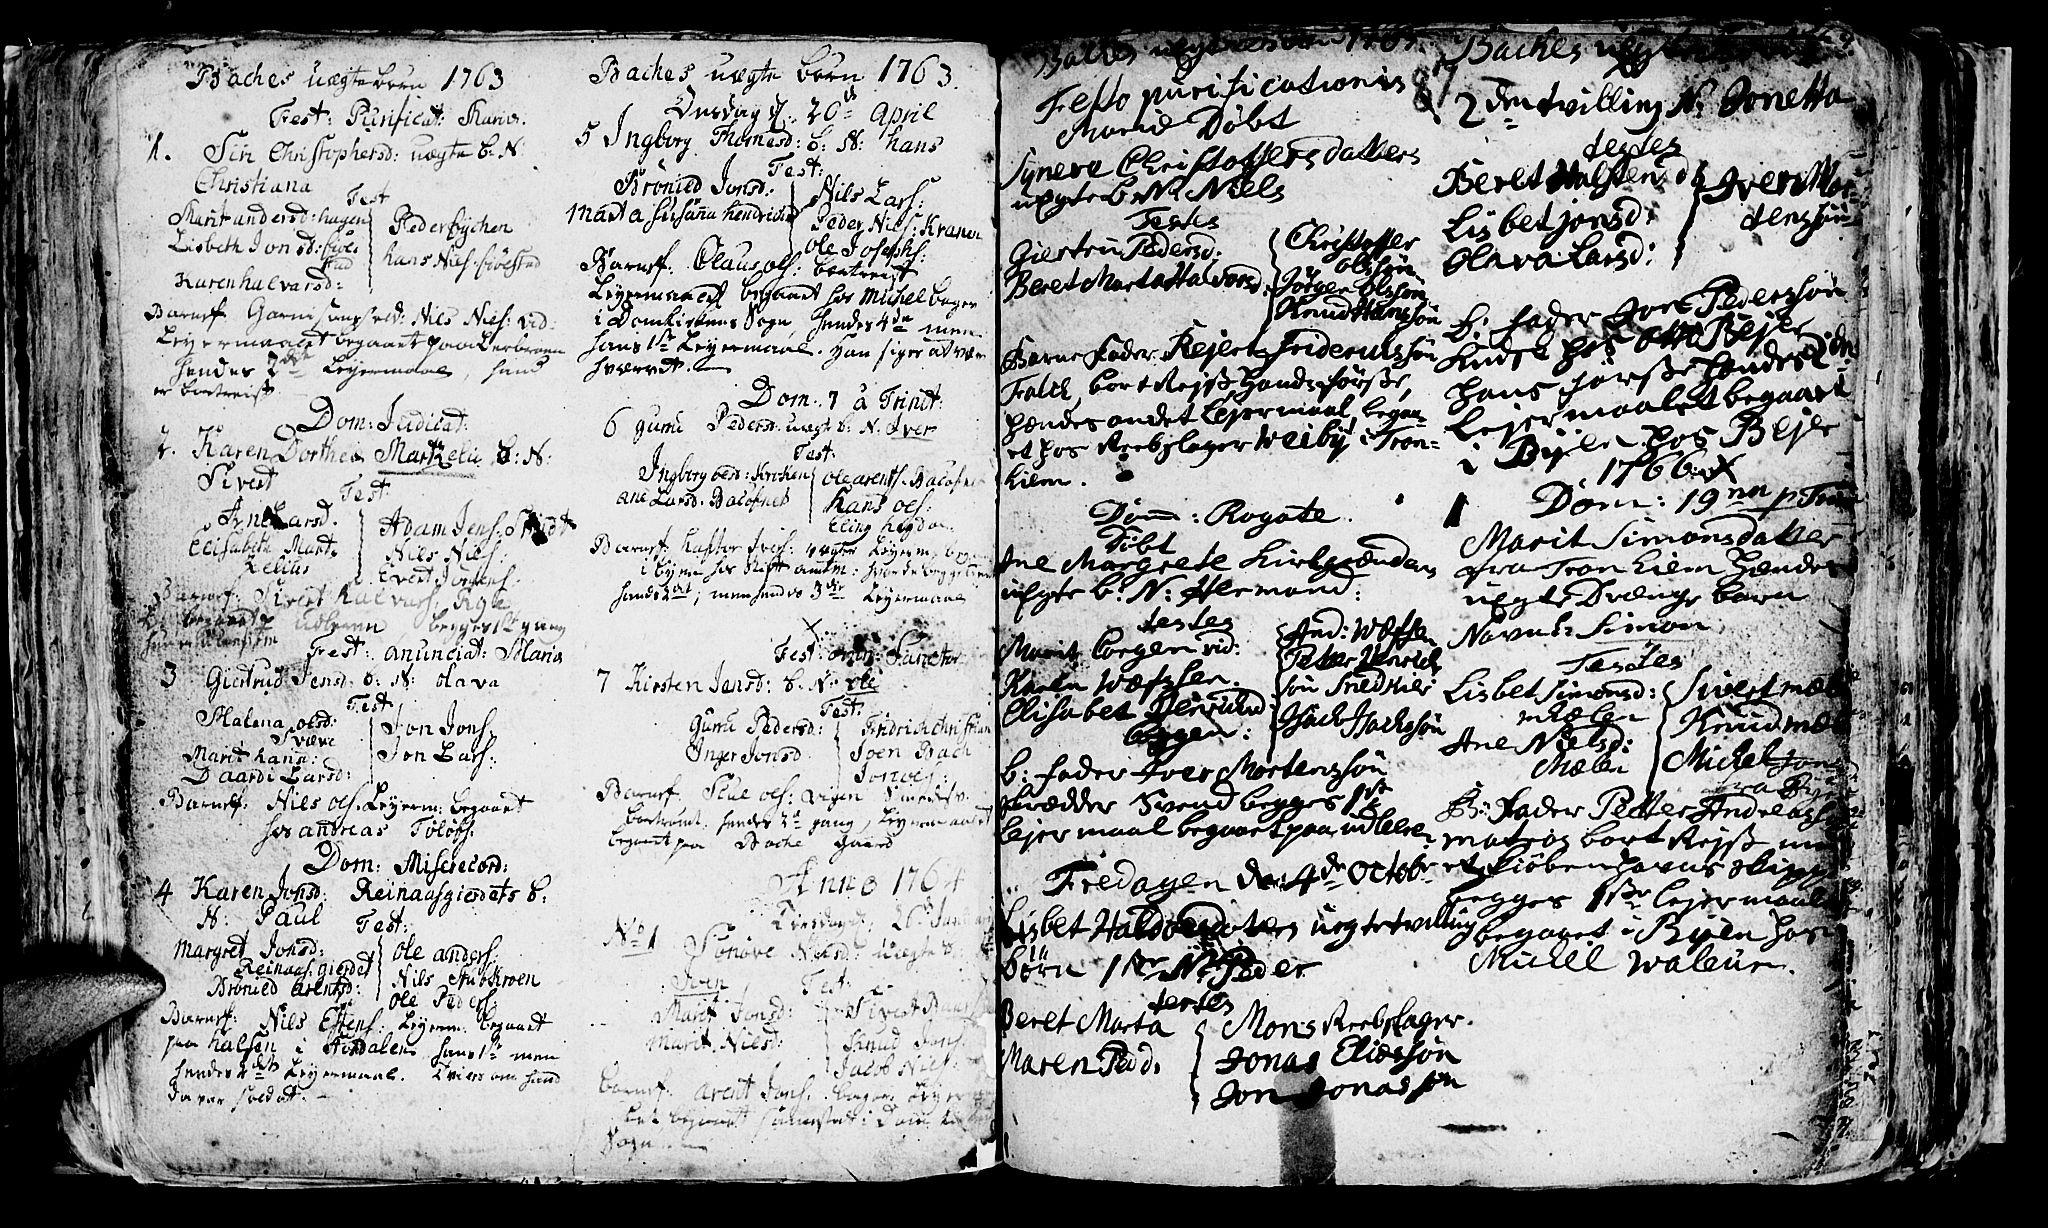 SAT, Ministerialprotokoller, klokkerbøker og fødselsregistre - Sør-Trøndelag, 604/L0218: Klokkerbok nr. 604C01, 1754-1819, s. 87